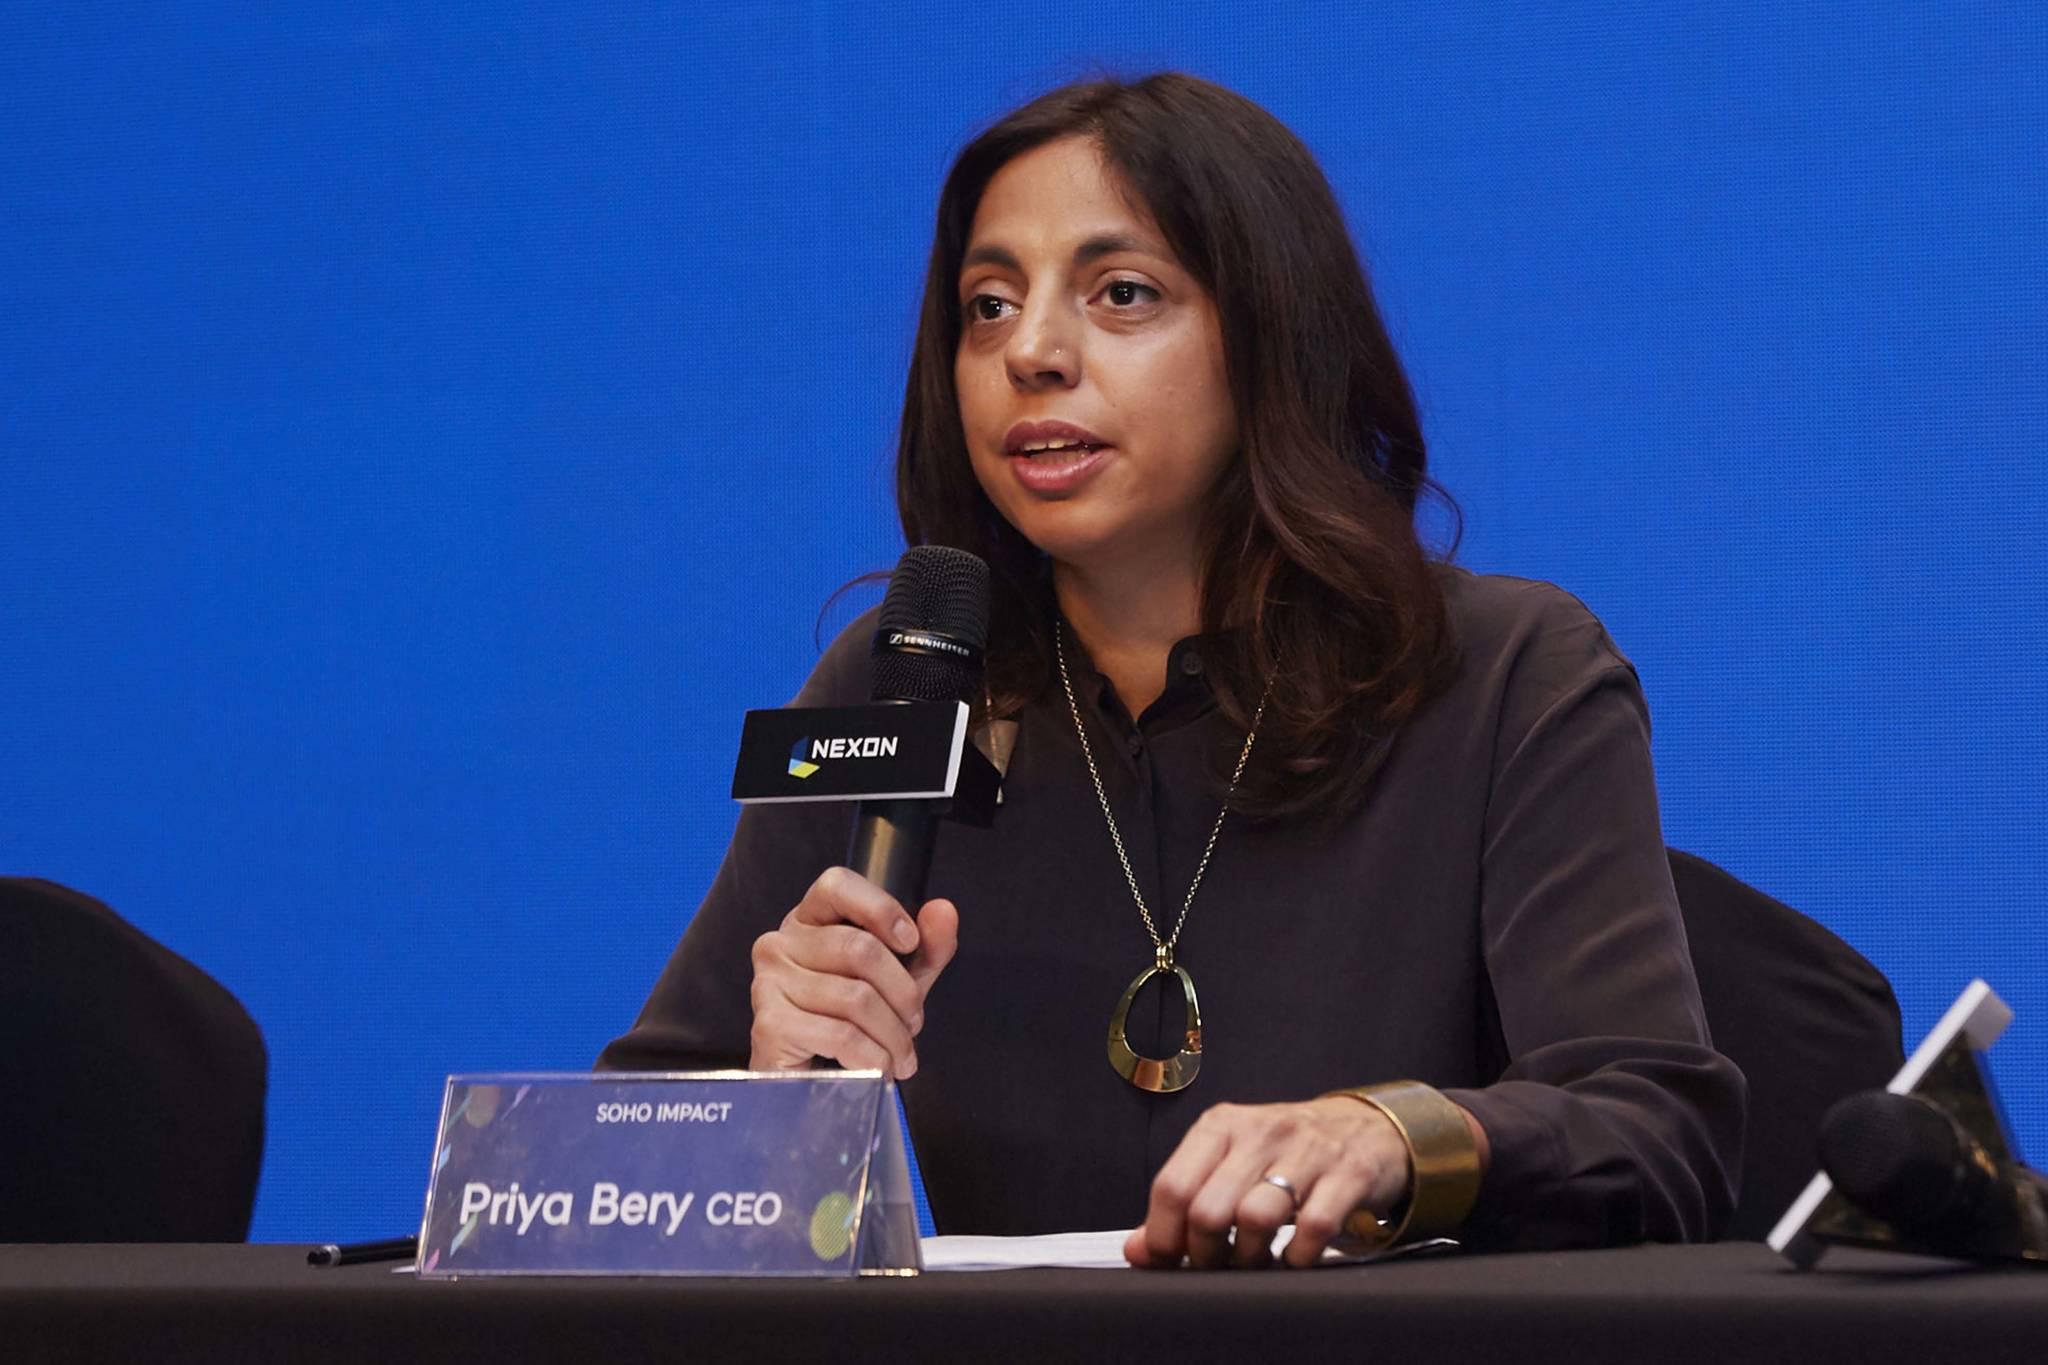 글로벌 브릭기부 활동을 하는 NXC 산하 법인 '소호임팩트'의 프리야 베리 대표[사진 넥슨코리아]